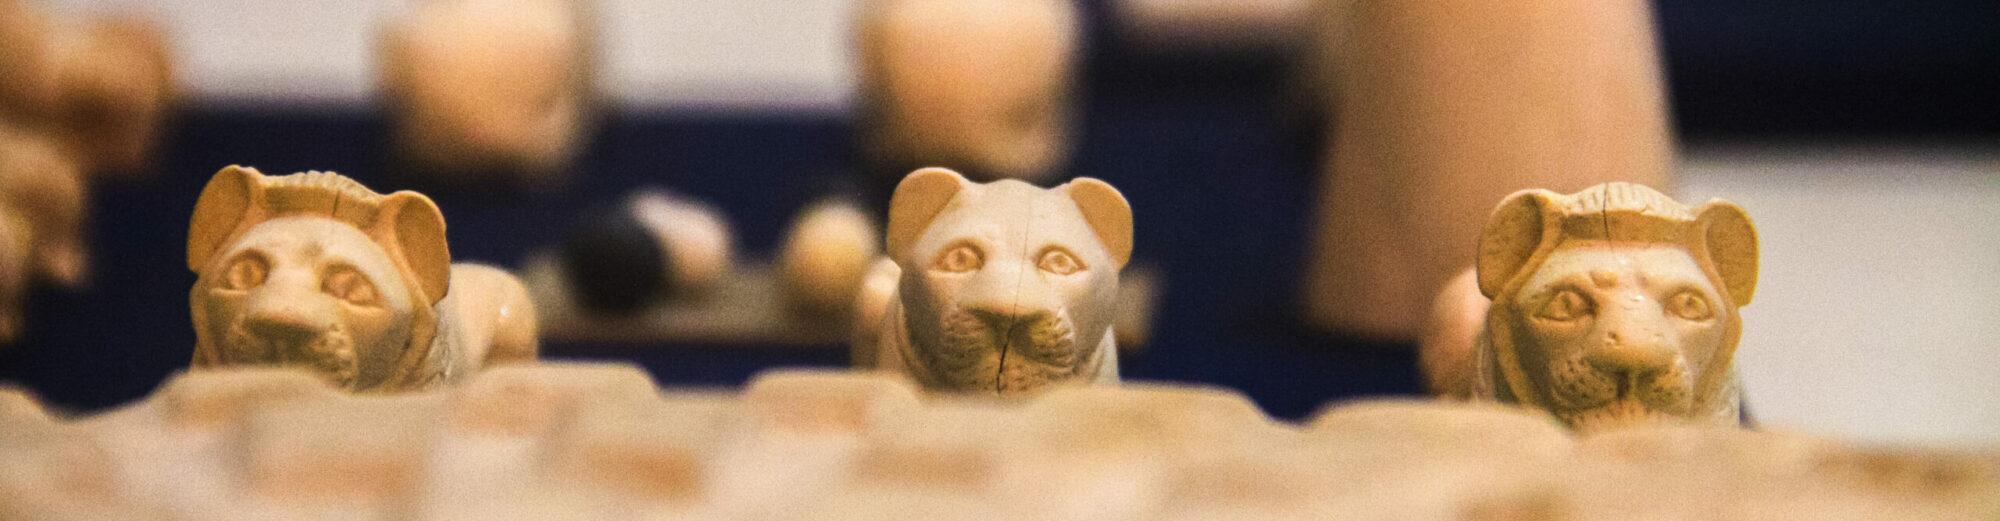 Les félins dans l'Égypte ancienne